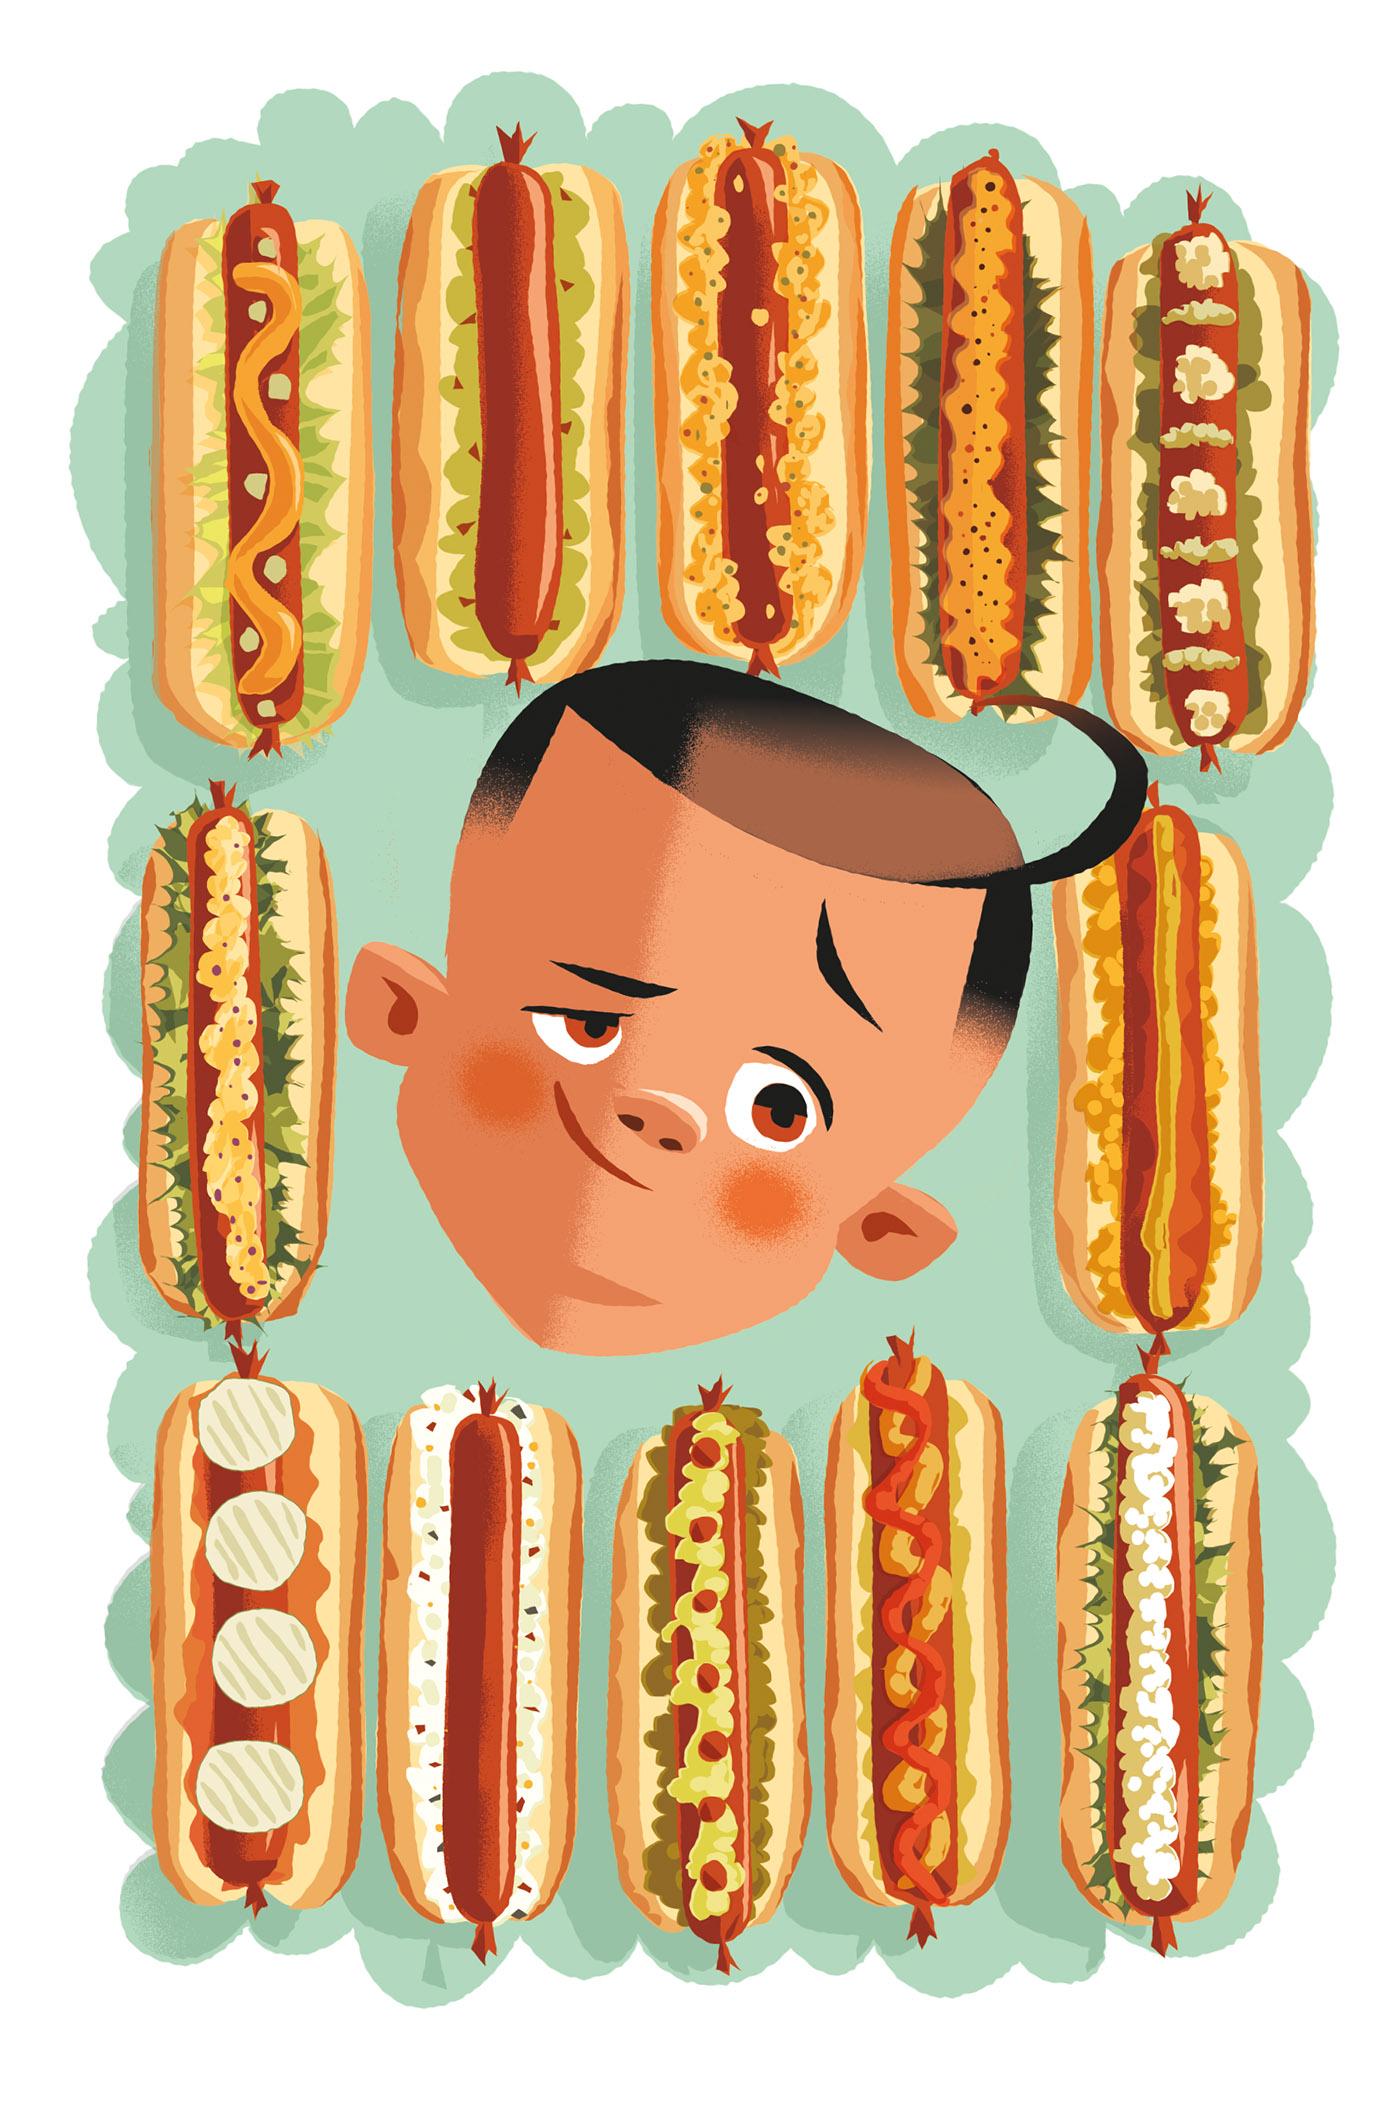 Gourmet Hot Dogs-Dean Gorissen Illustration .jpg